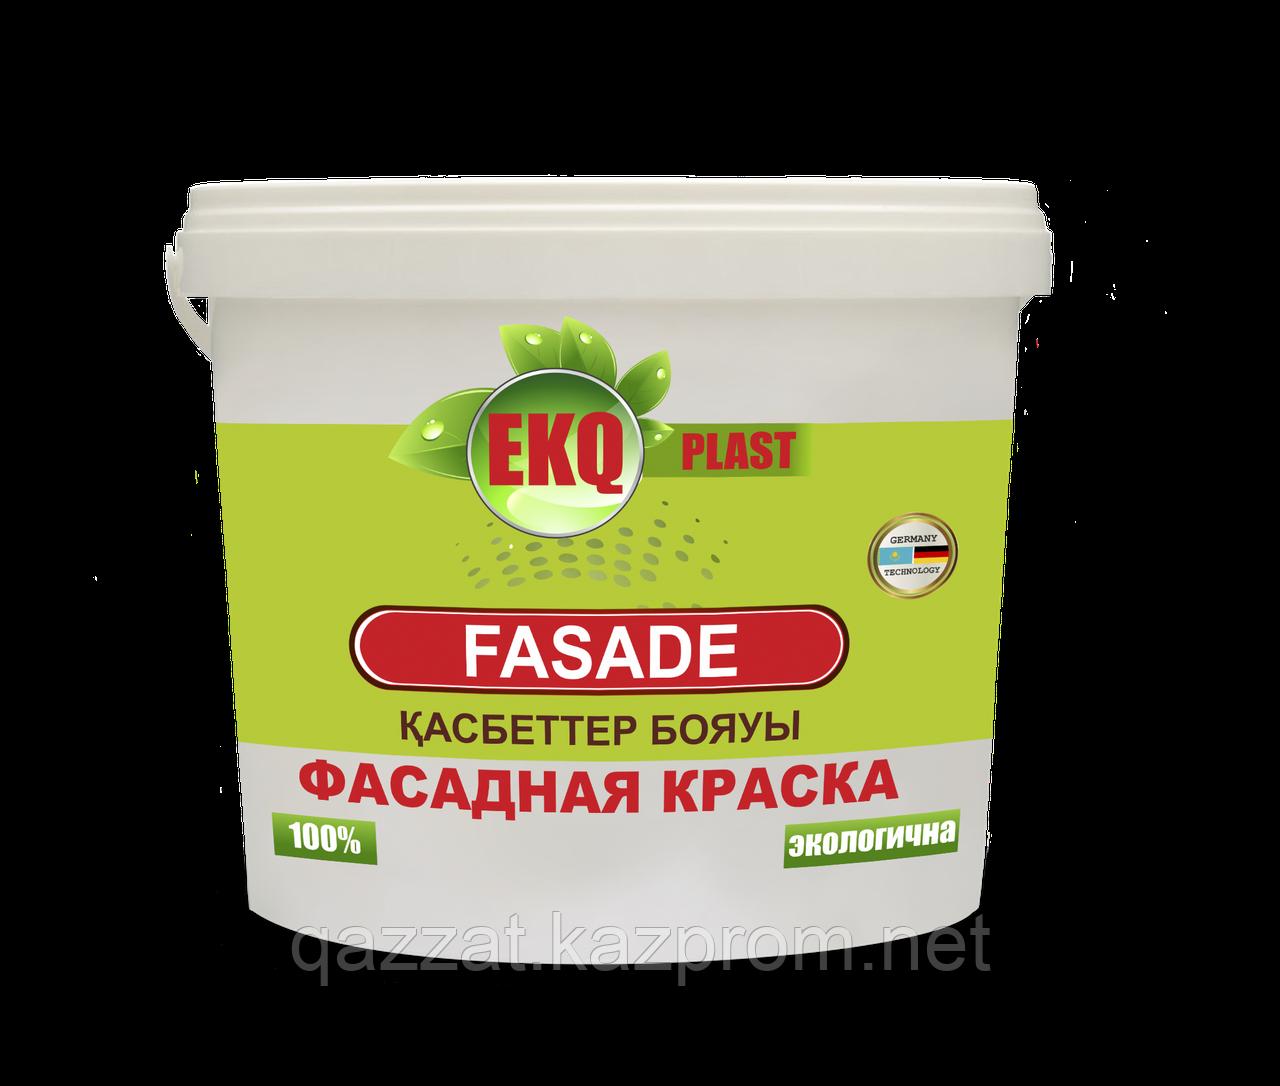 """Водоэмульсионная краска для фасада """"EKQ PLAST FASADE""""  3 кг"""